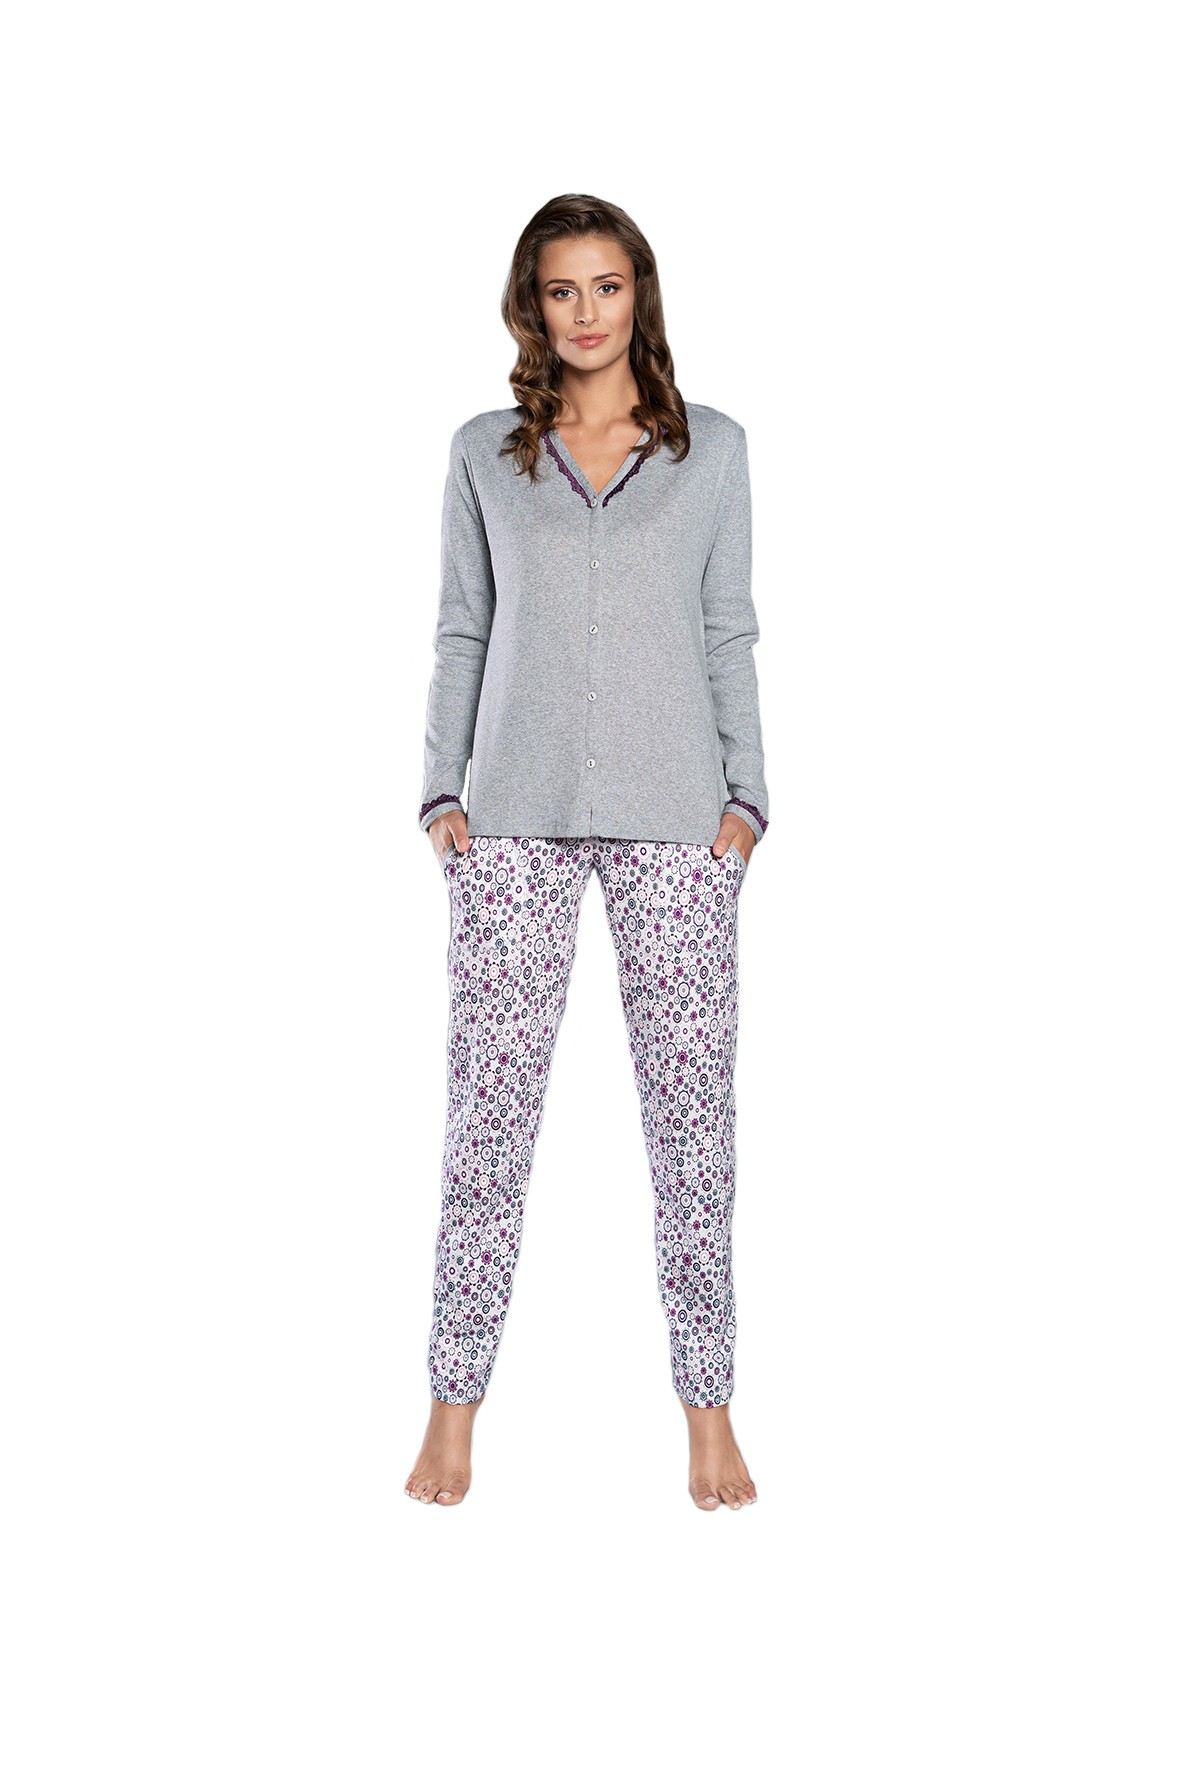 Piżama damska we wzorki - szara